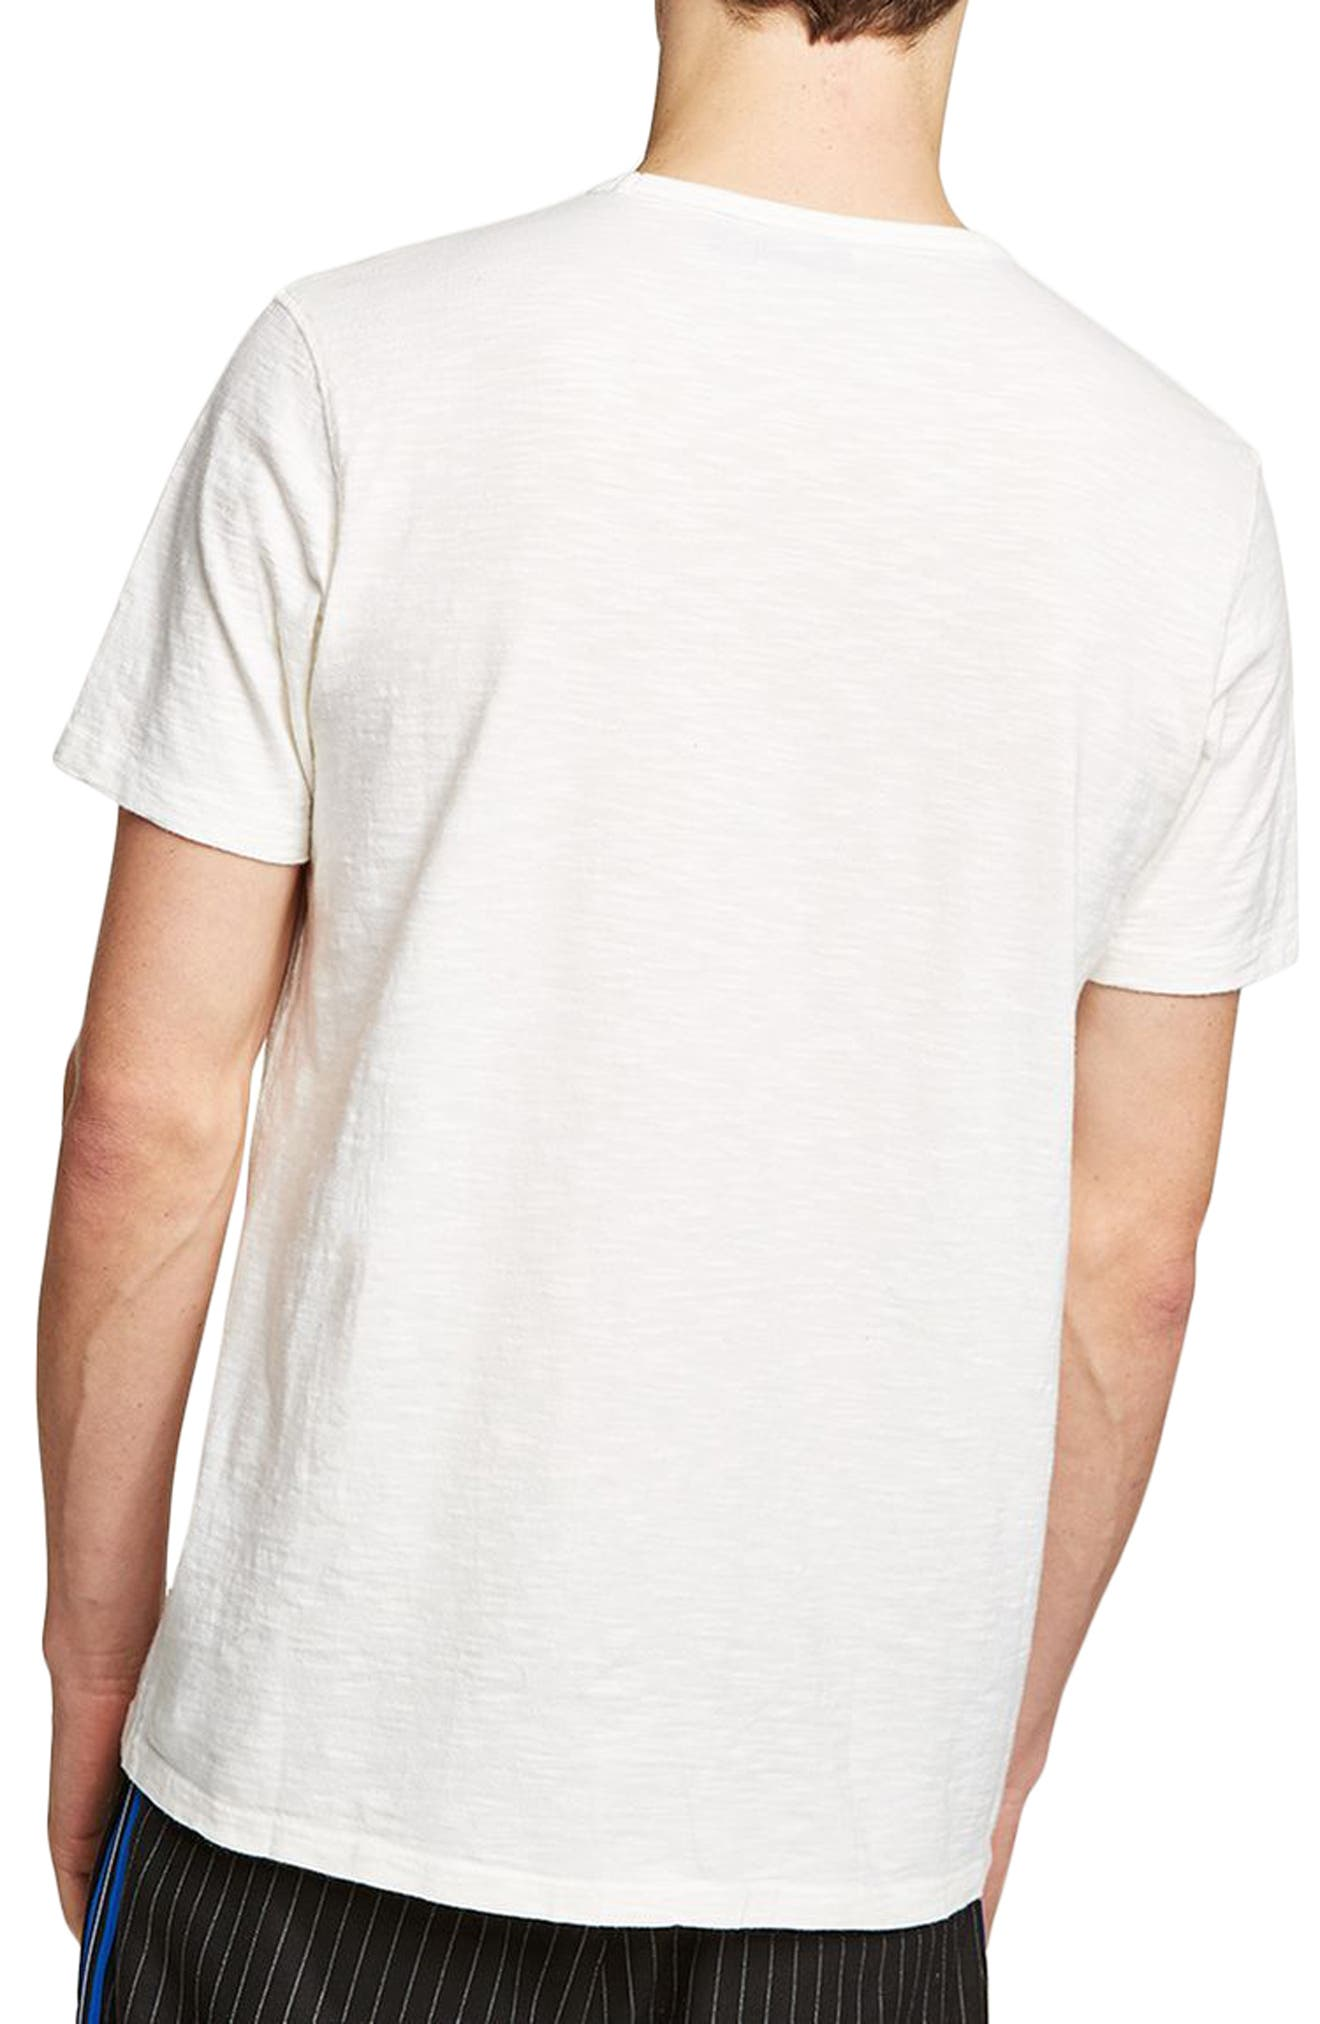 Liberté Graphic T-Shirt,                             Alternate thumbnail 2, color,                             100